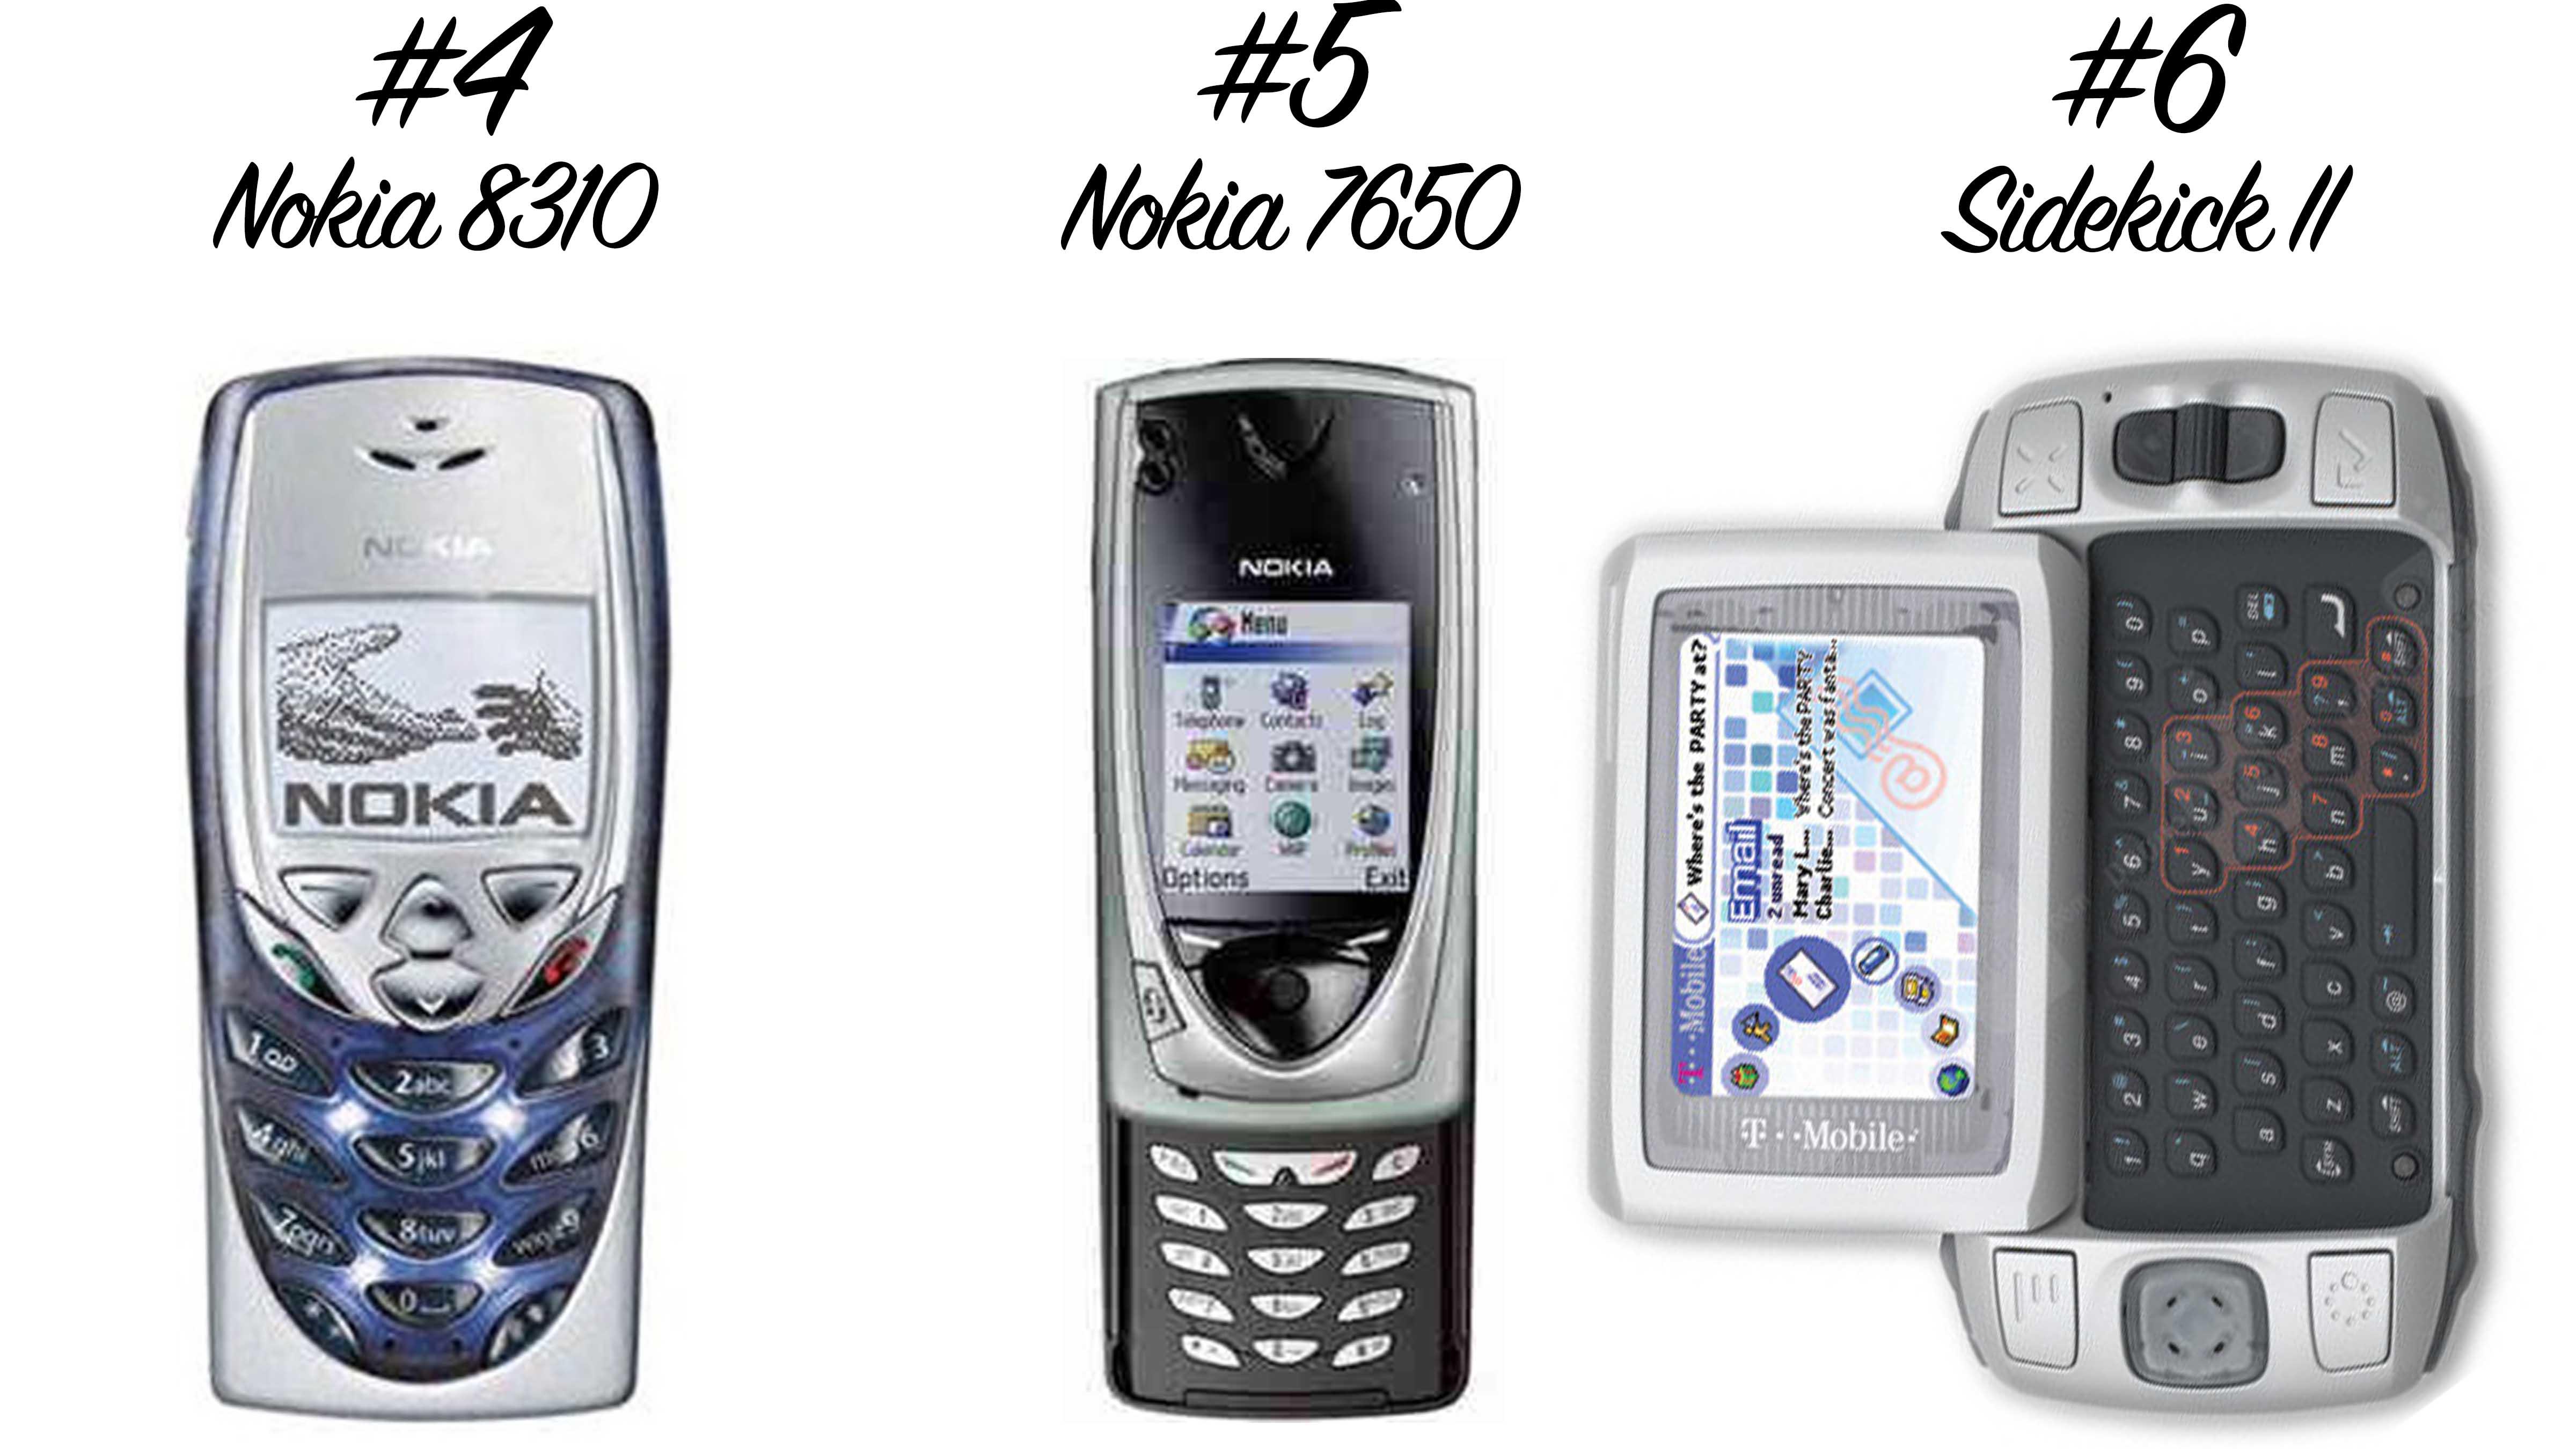 Retro Handys: Nokia 8310, Nokia 7650, Sikekick II